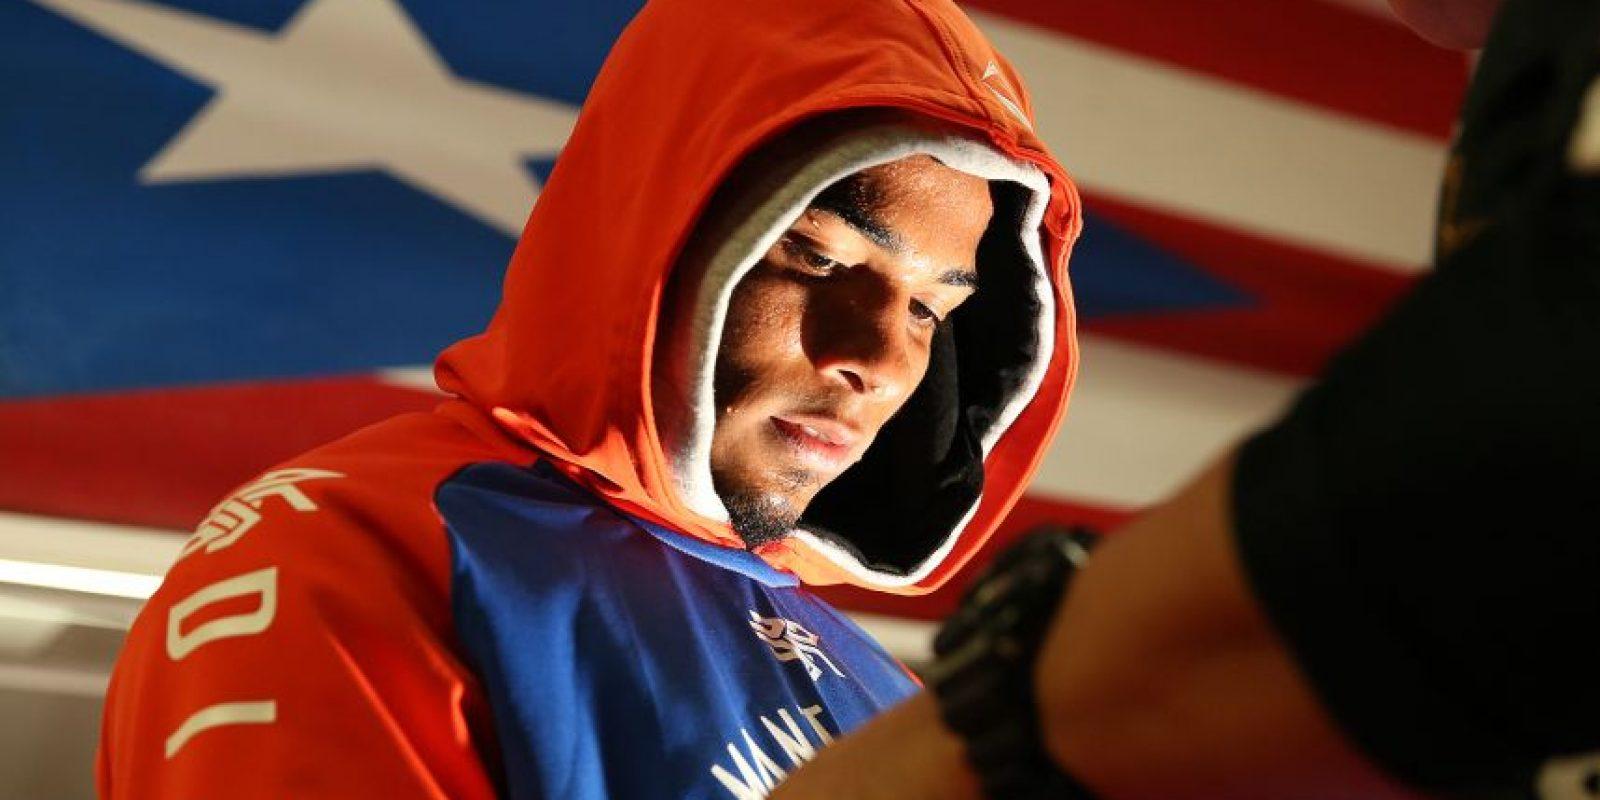 """Félix """"Diamante"""" Verdejo llevó a cabo un entrenamiento público en Nueva York días antes de su pelea contra el brasileño invictoWilliam """"Baby Face"""" Silva. Foto:Mikey Williams. Imagen Por:"""